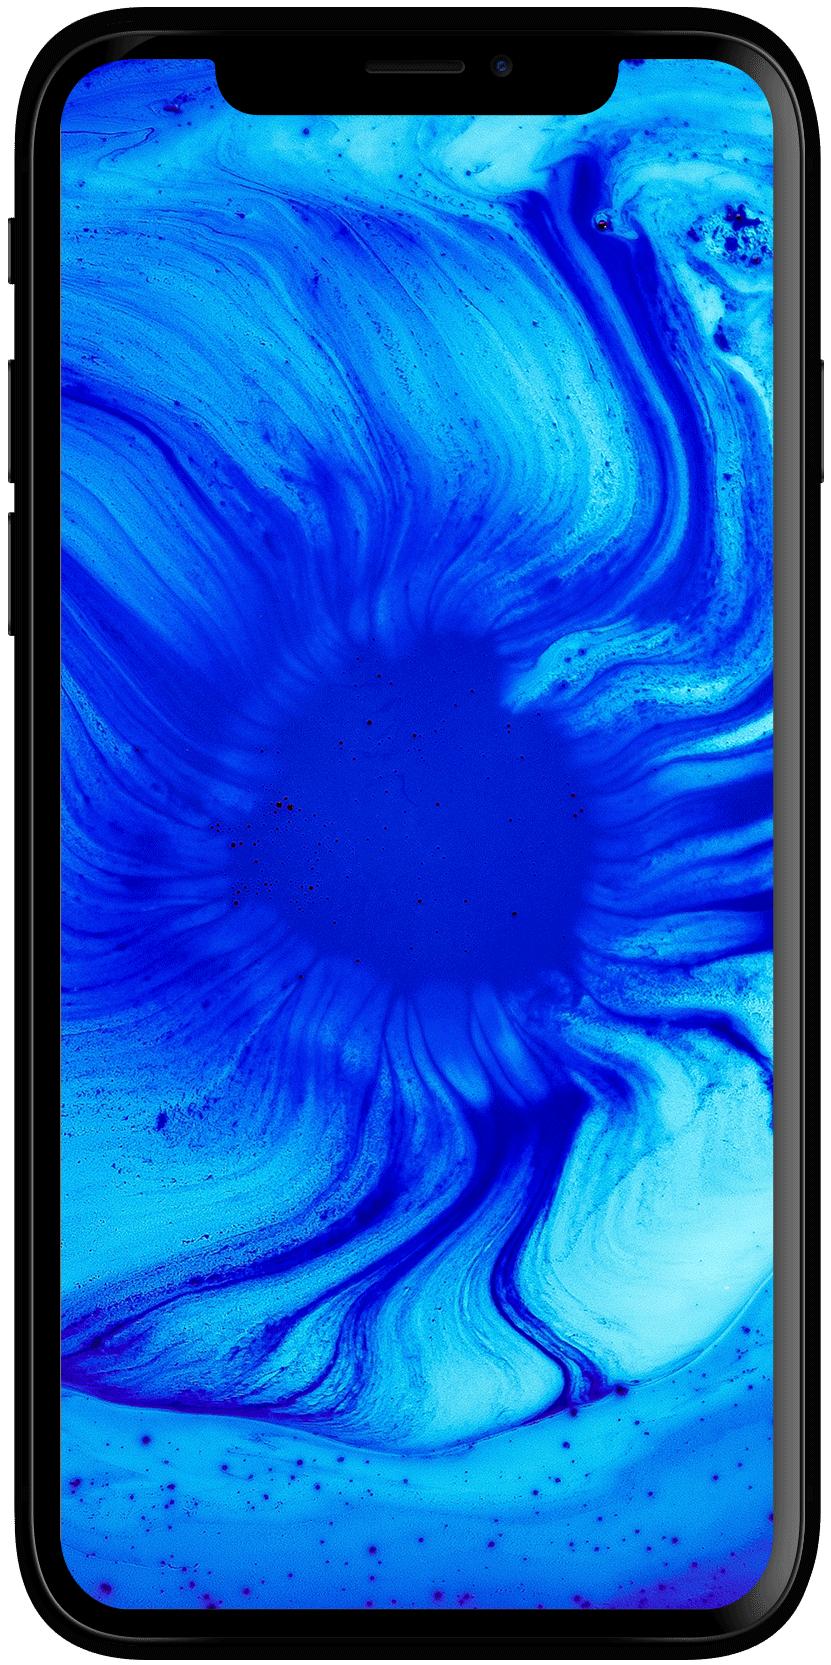 Iphone X Notch Wallpaper Hd 831x1665 Download Hd Wallpaper Wallpapertip